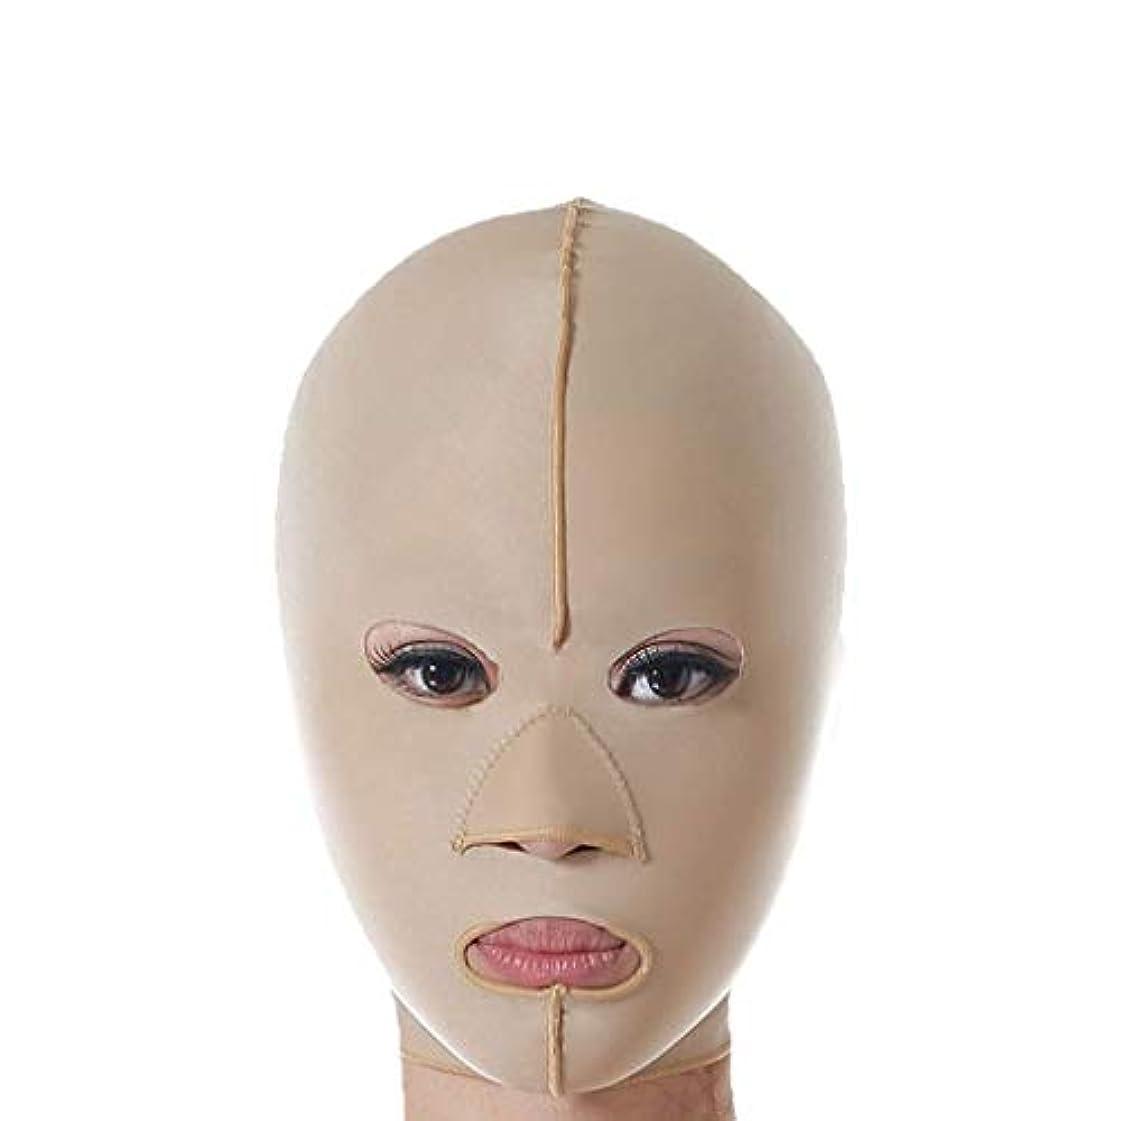 モールとして教える減量フェイスマスク、リフティング包帯、スリムフェイスリフトリフティングベルト、フェイシャル減量リフティング包帯、リフティングファーミング包帯(サイズ:XL),S